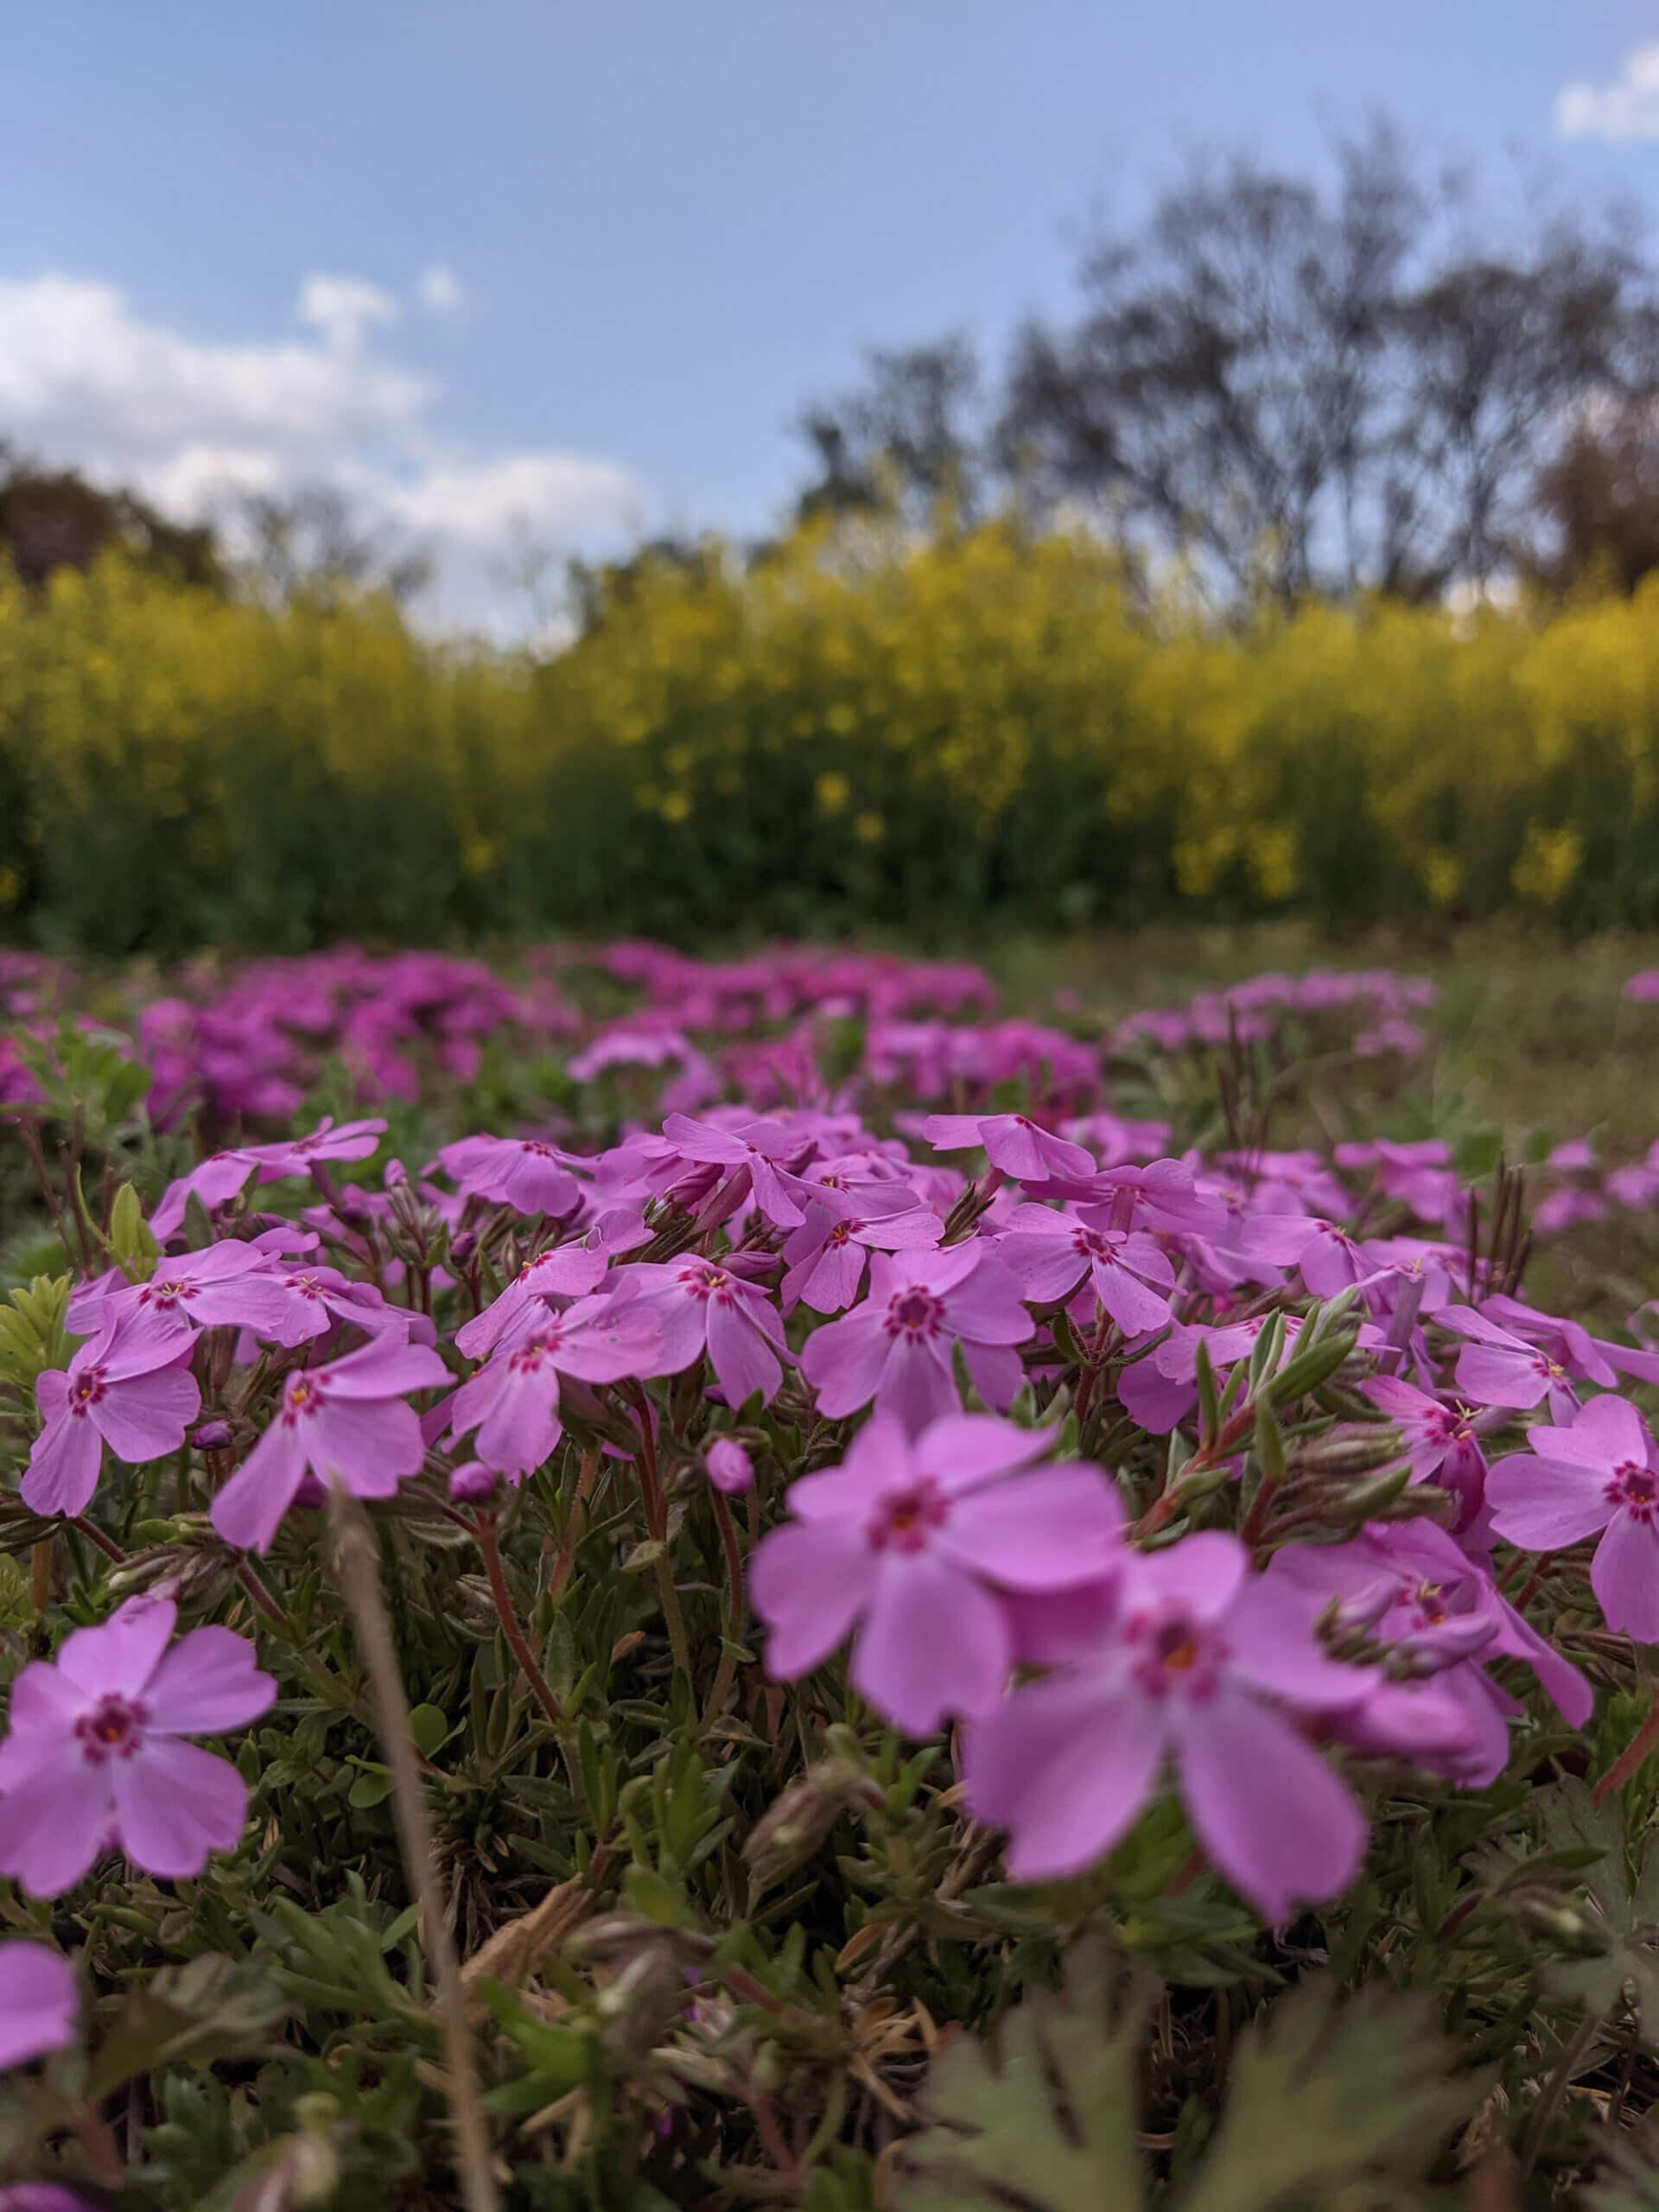 Redmi 9Tで撮影したピンクの花